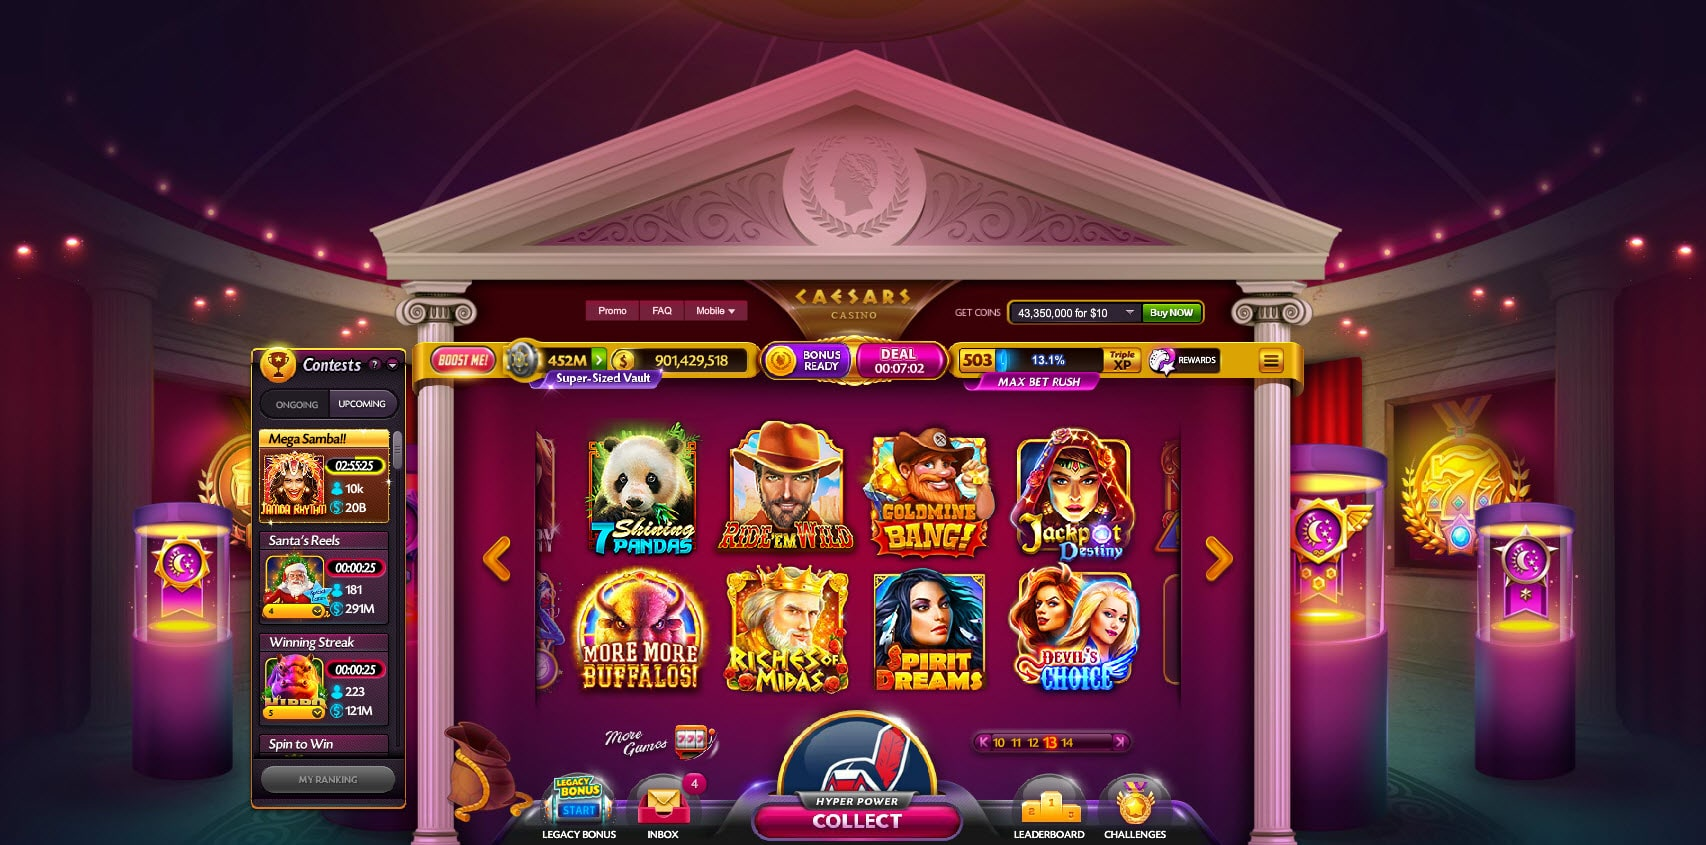 caesars casino main game lobby